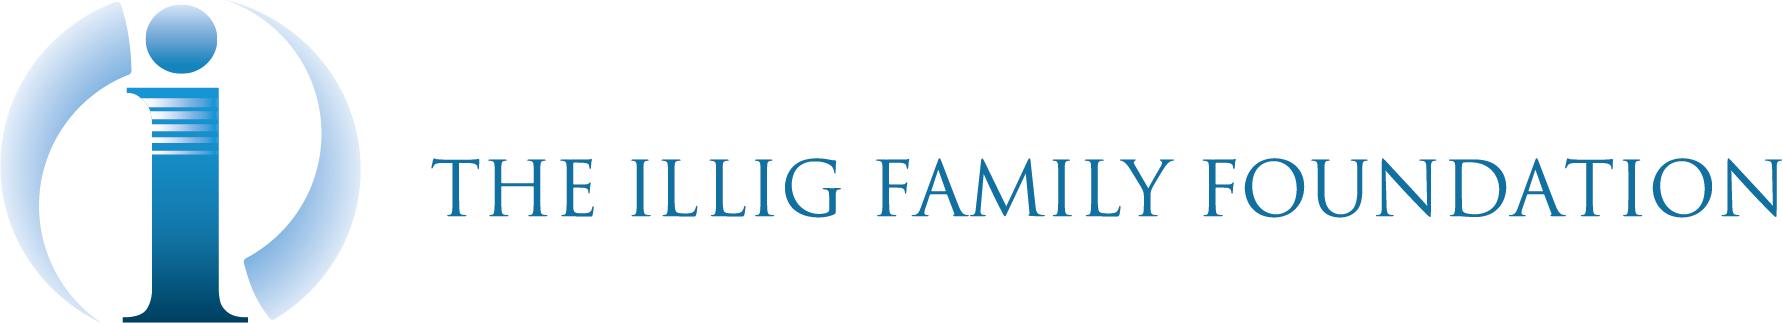 The Illig Family Foundation